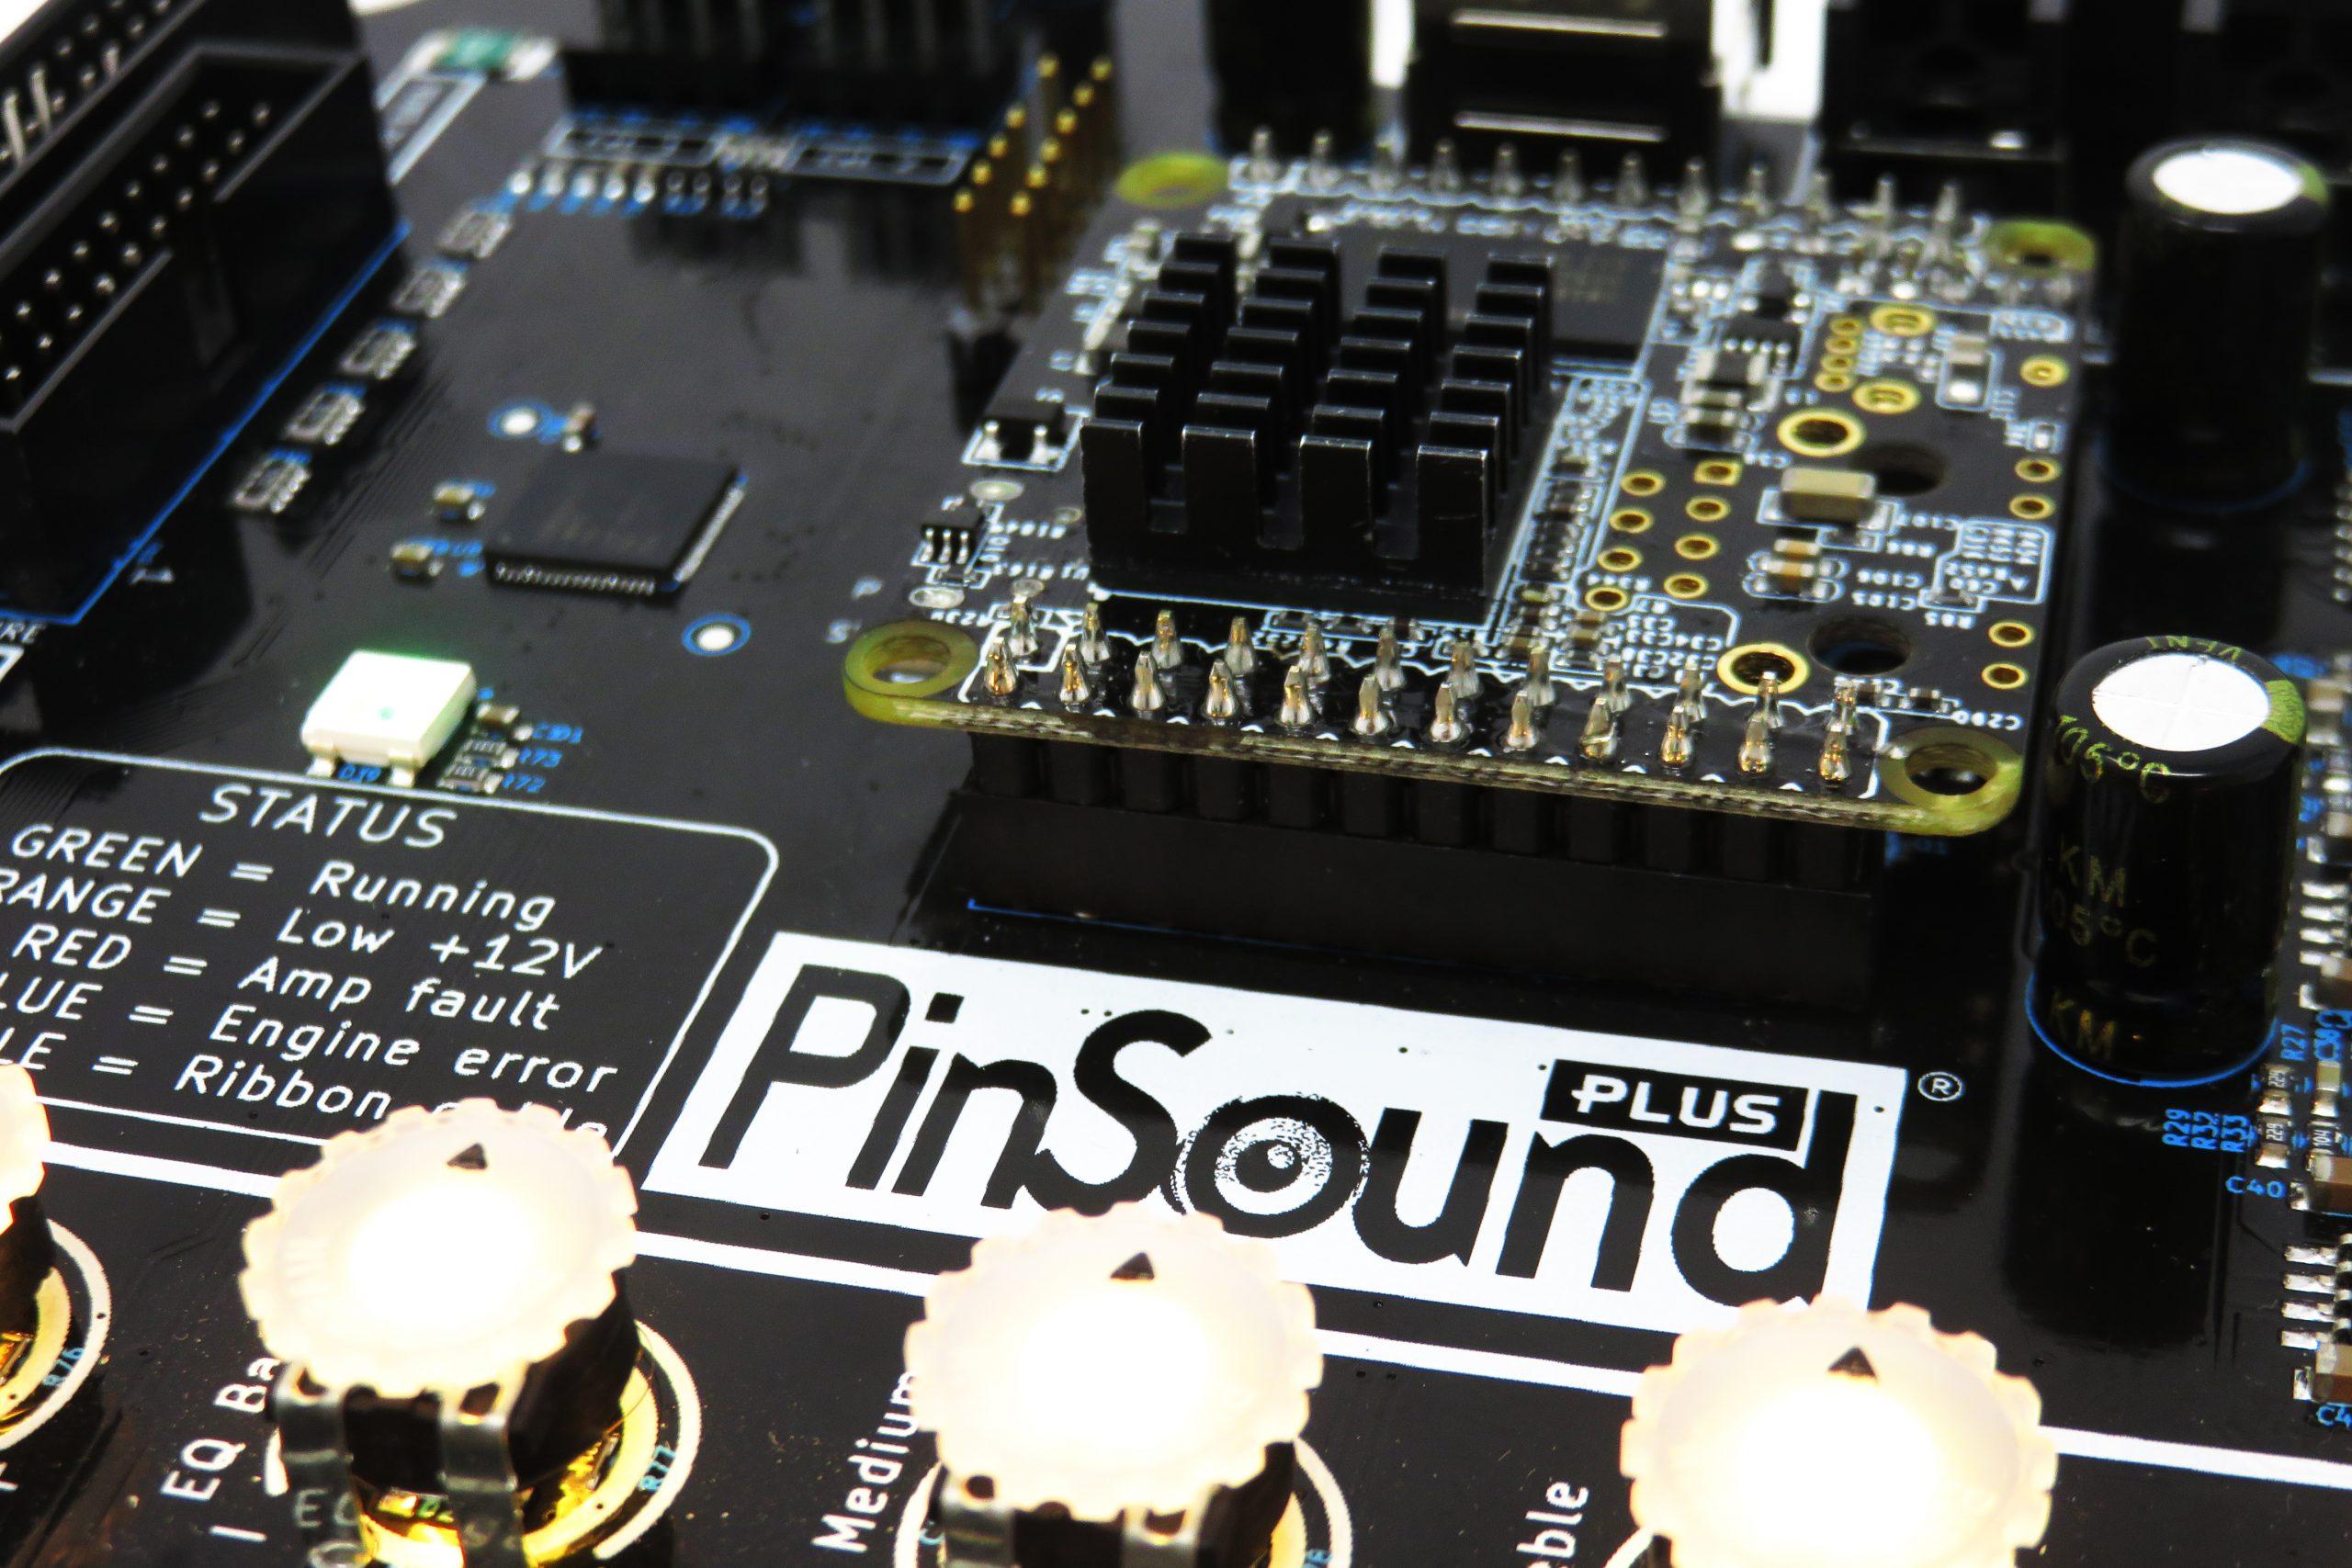 Pinsound_370x247